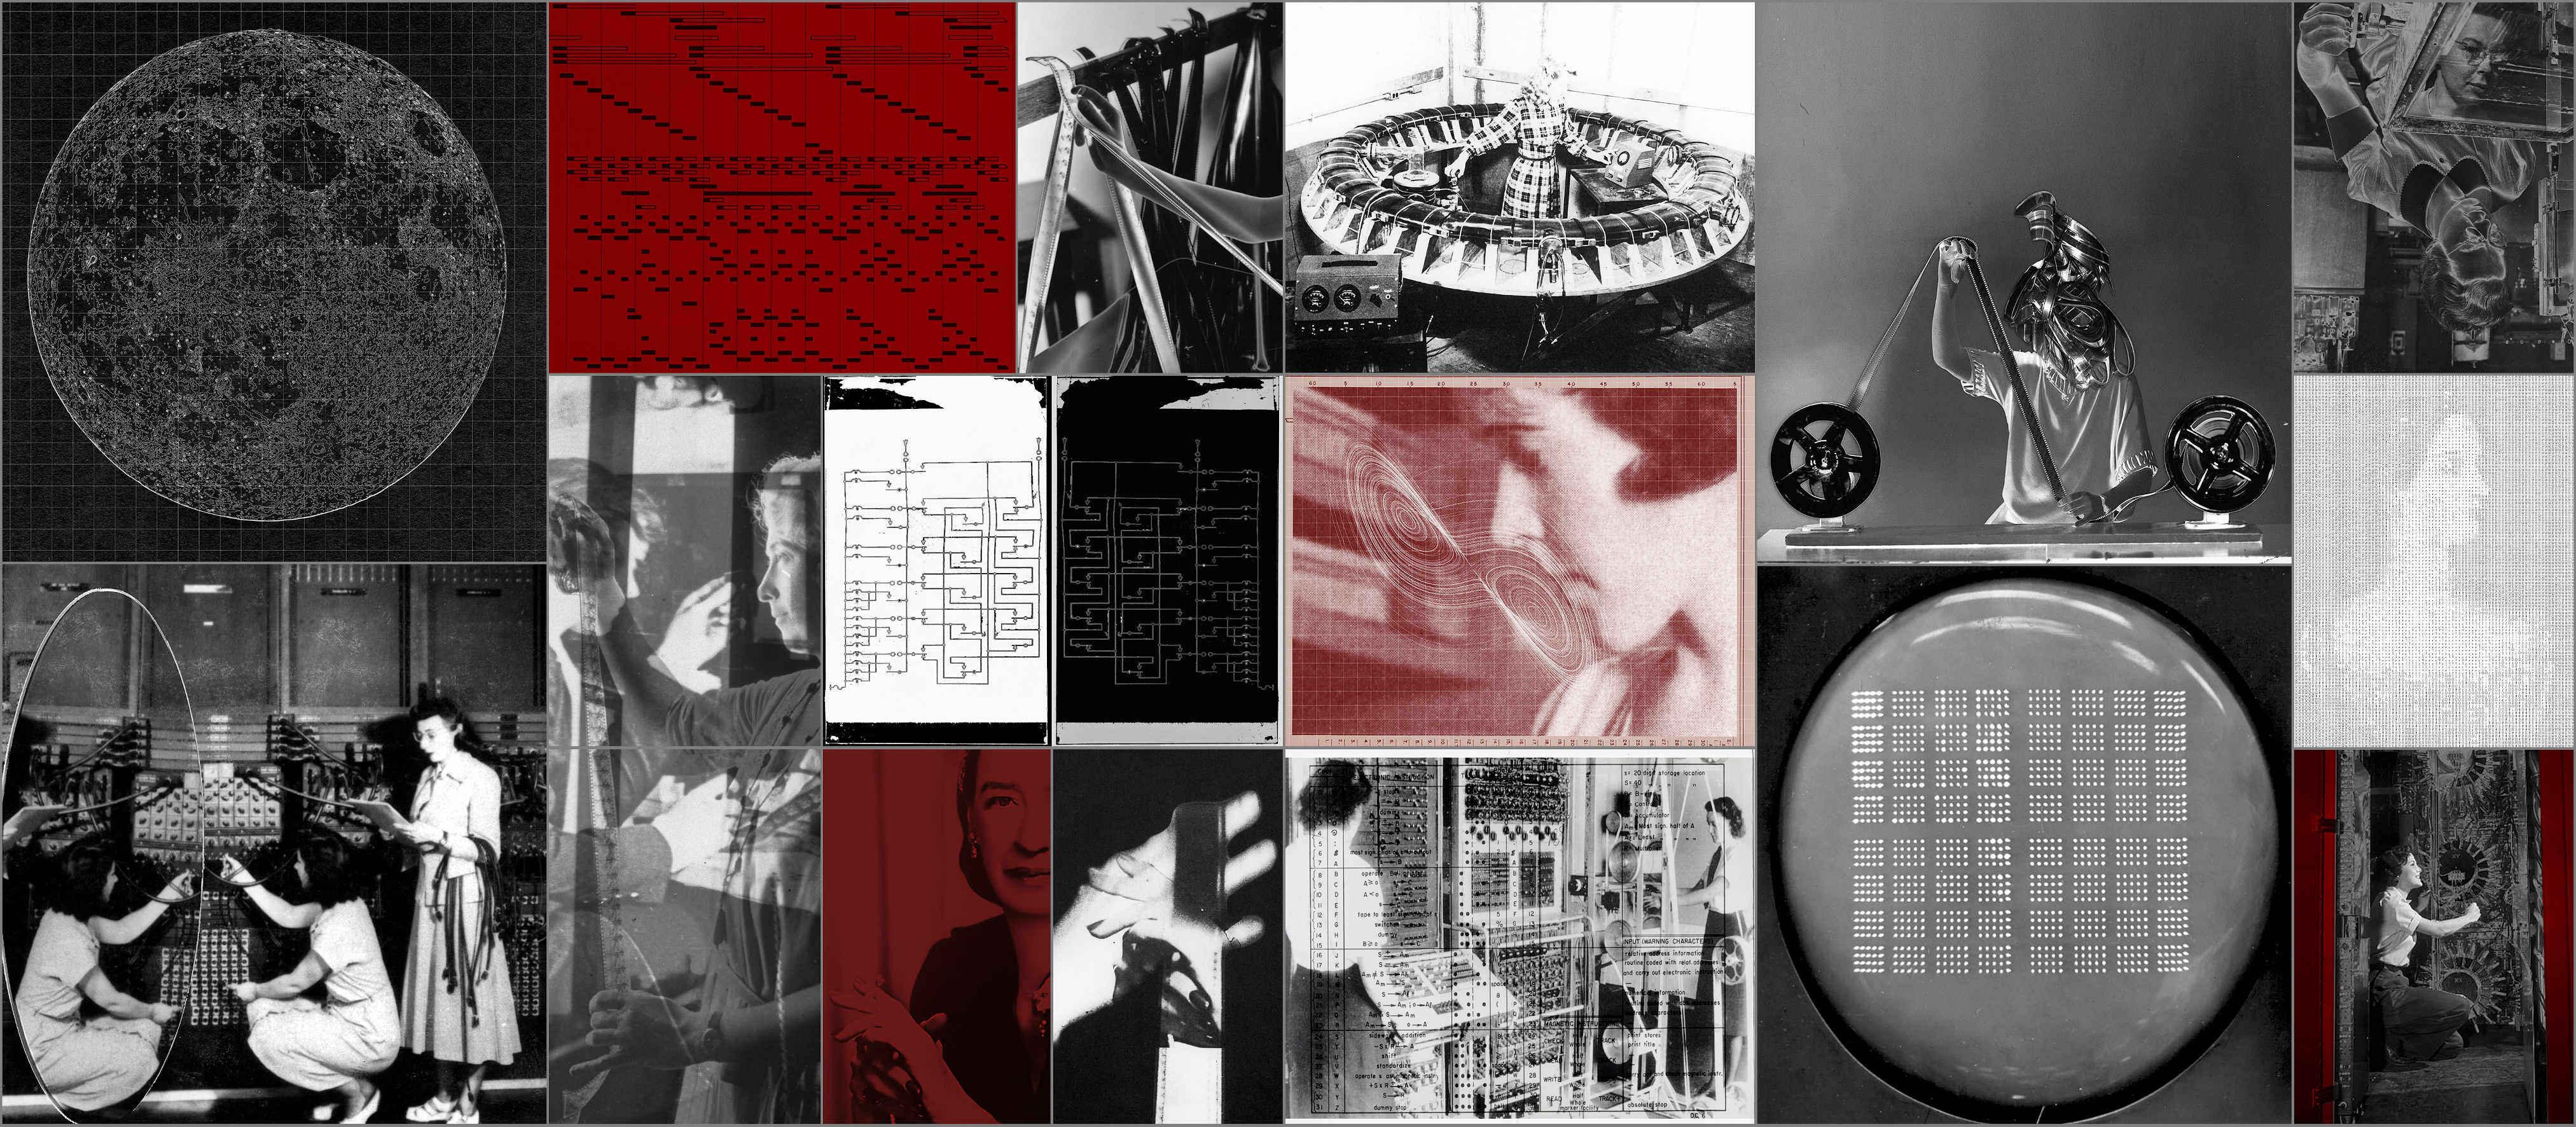 Photography Grant e Inventions: i due nuovi progetti espositivi di Fondazione MAST